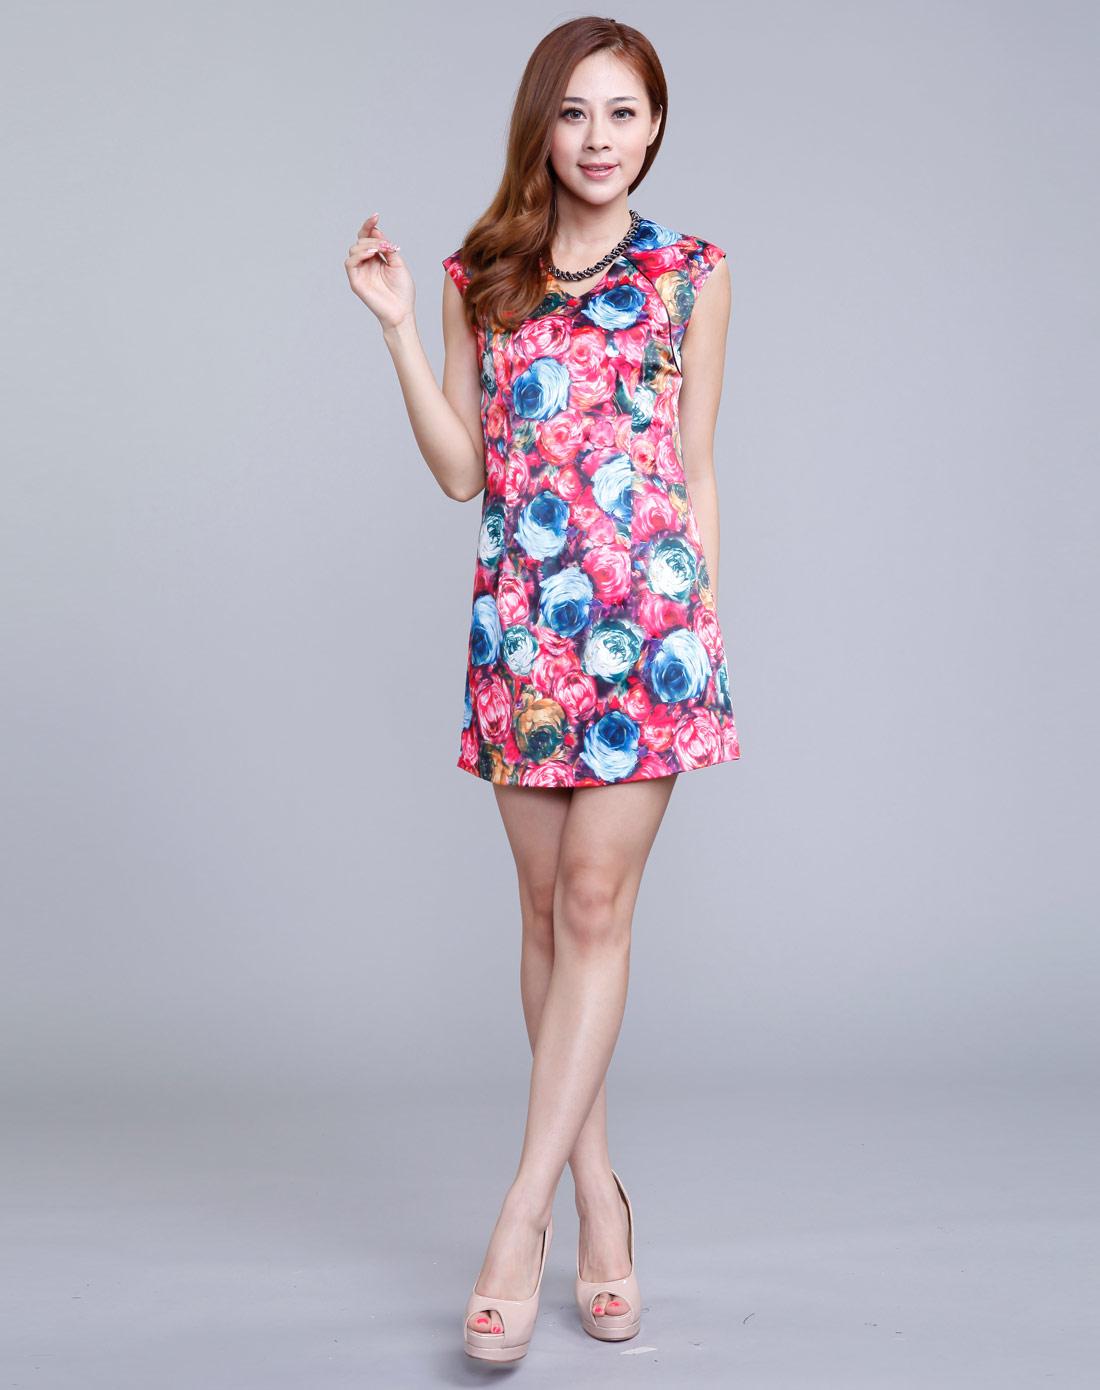 复古时尚旗袍连衣裙